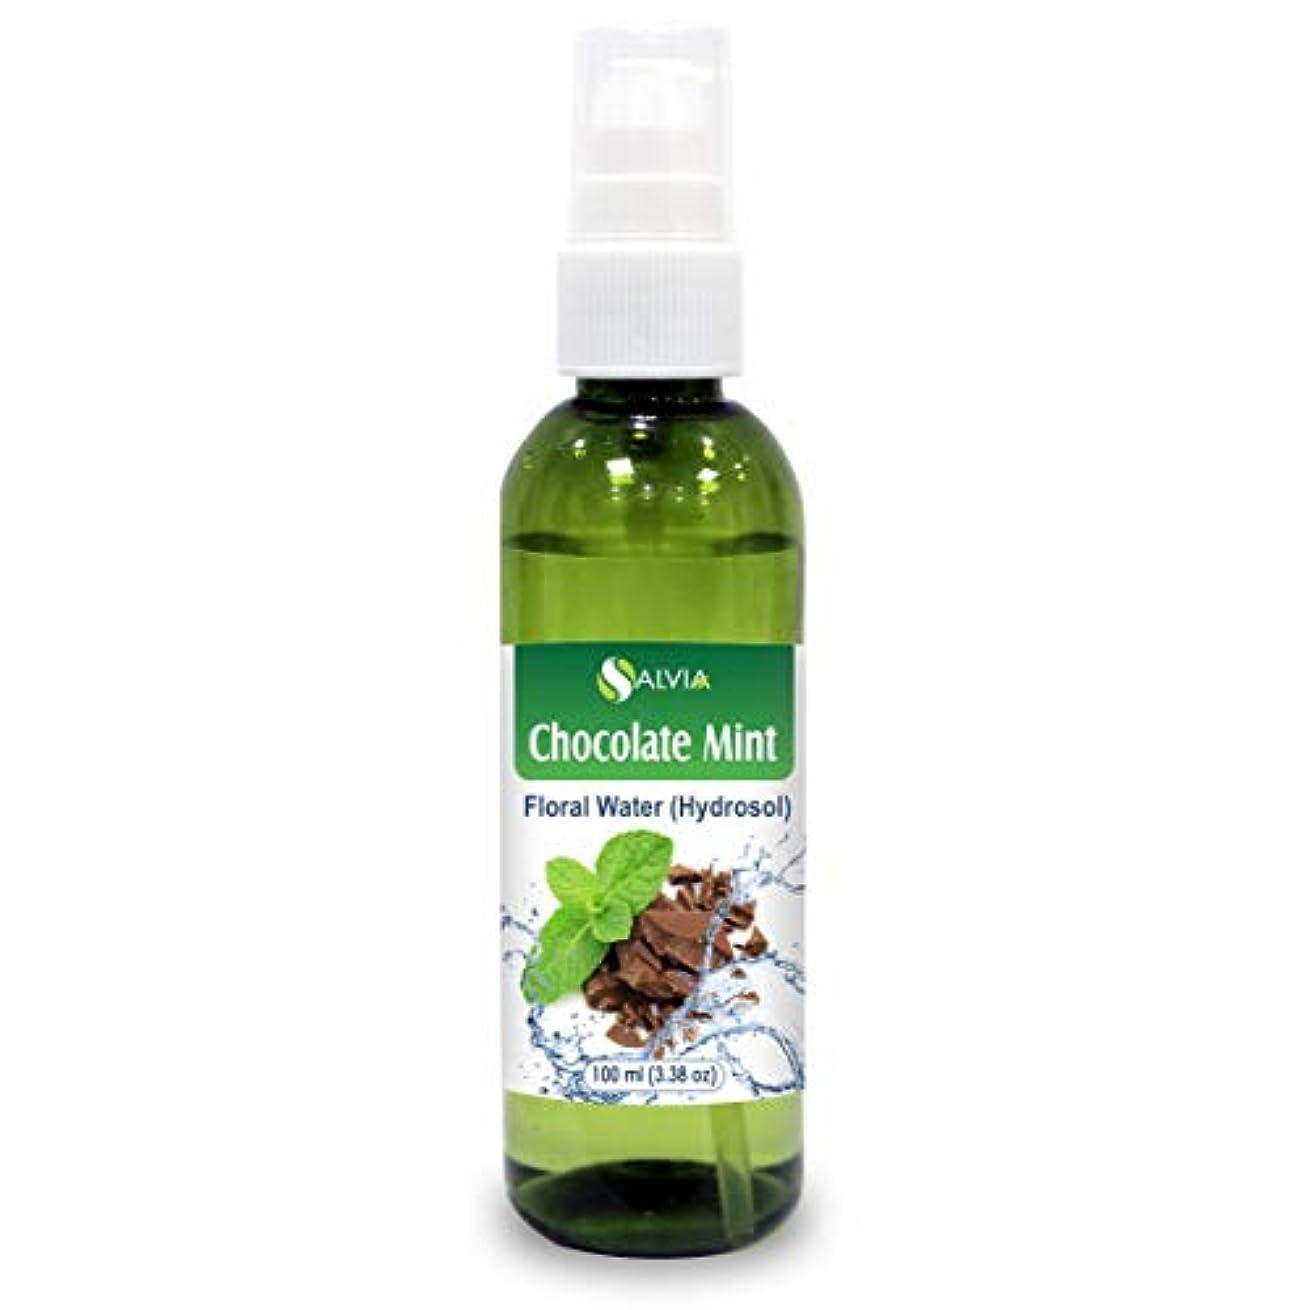 読みやすさ群集相反するChocolate Mint Floral Water 100ml (Hydrosol) 100% Pure And Natural